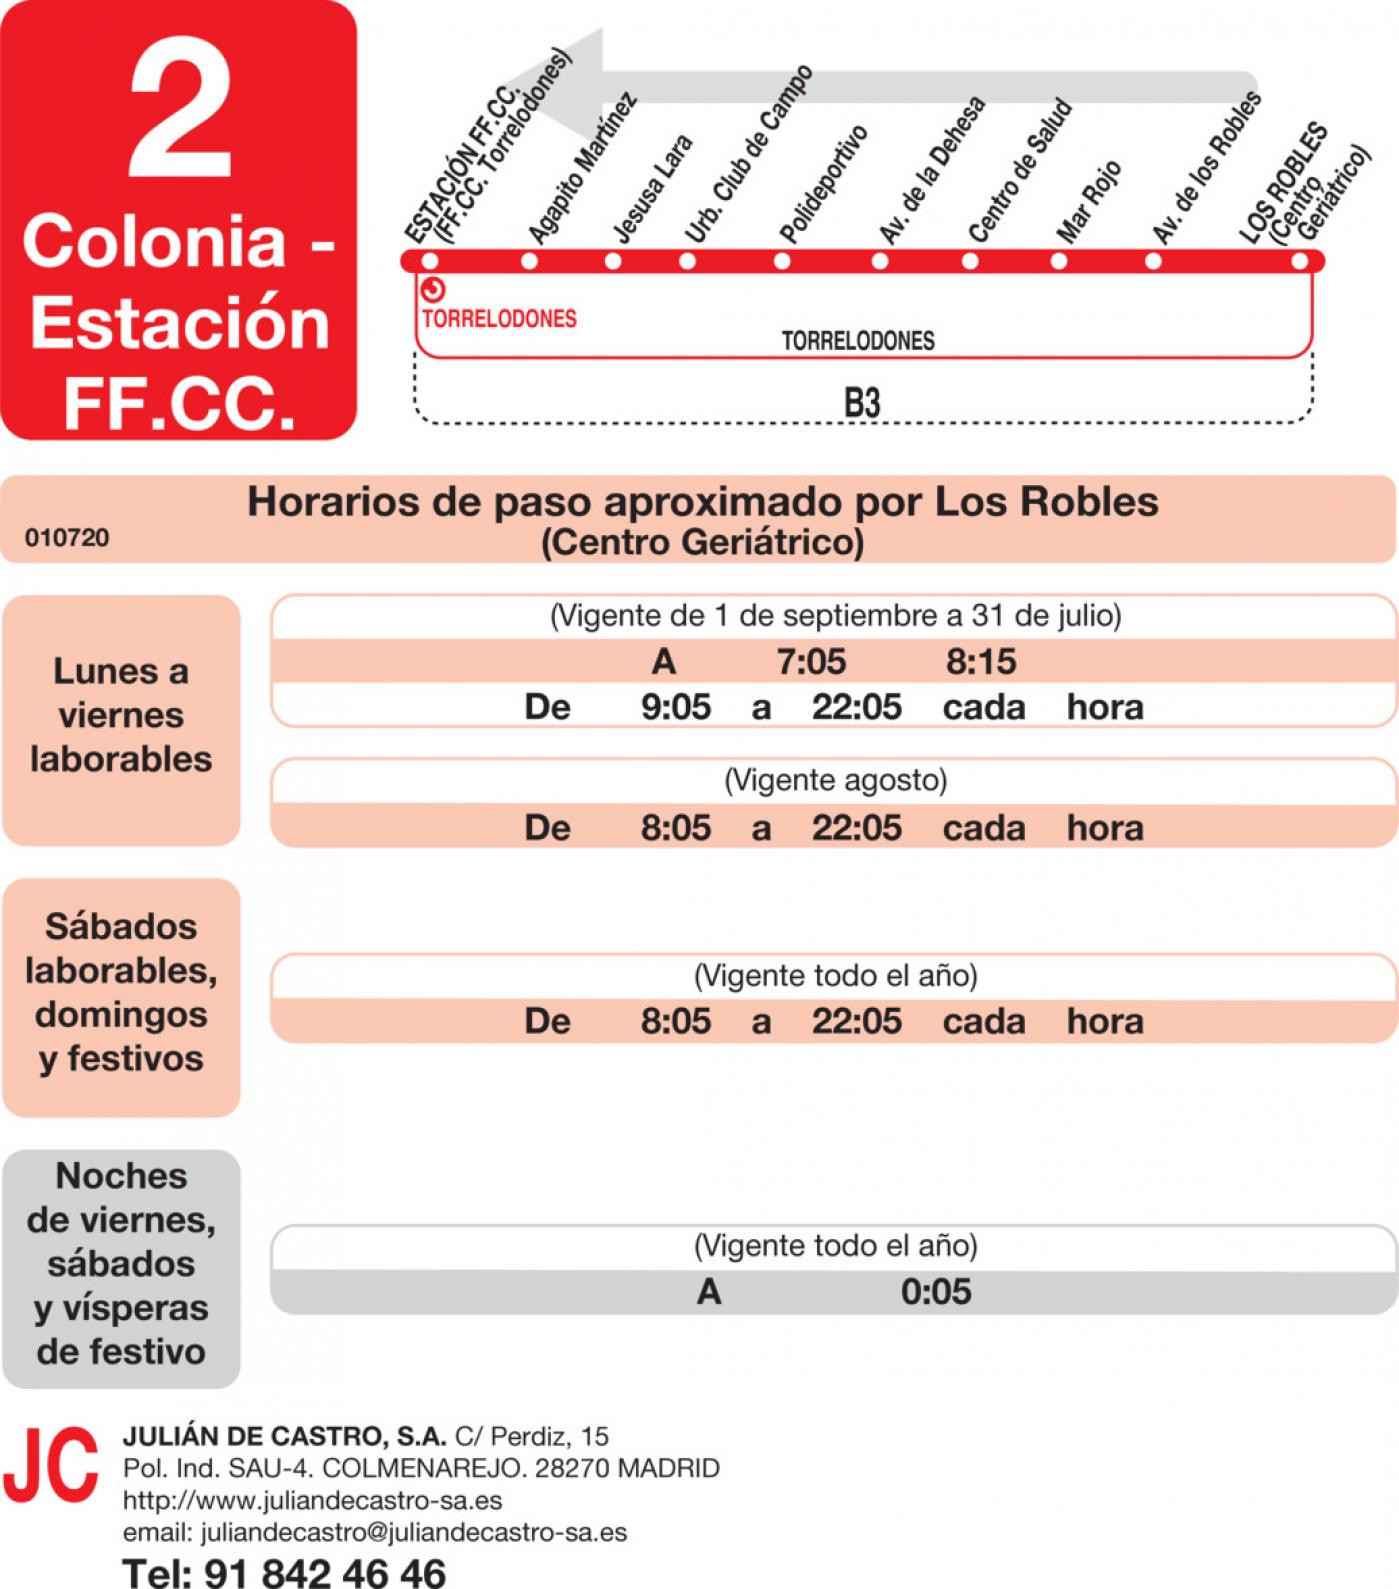 Tabla de horarios y frecuencias de paso en sentido vuelta Línea L-2 Torrelodones: Estación Cercanías RENFE - Colonia - Pueblo - Los Robles